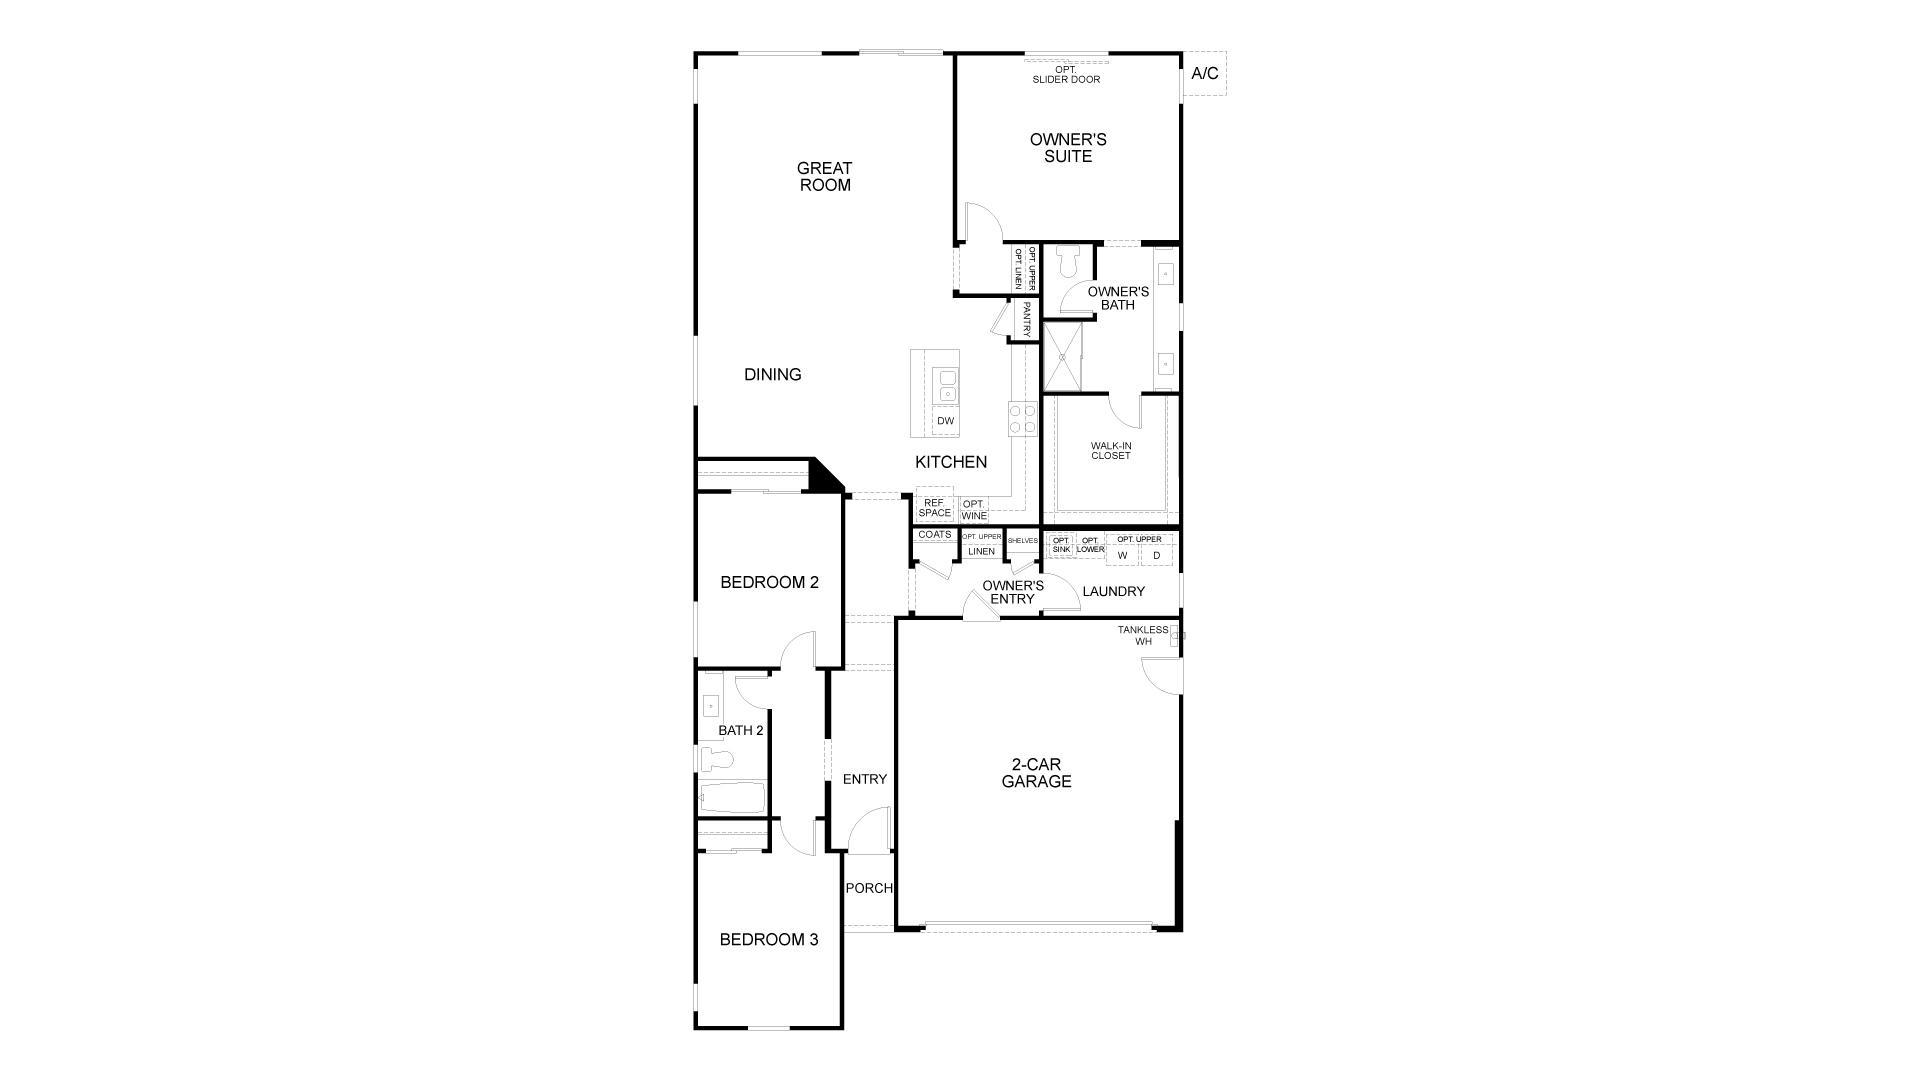 Floor Plan. New Home in Antioch, CA